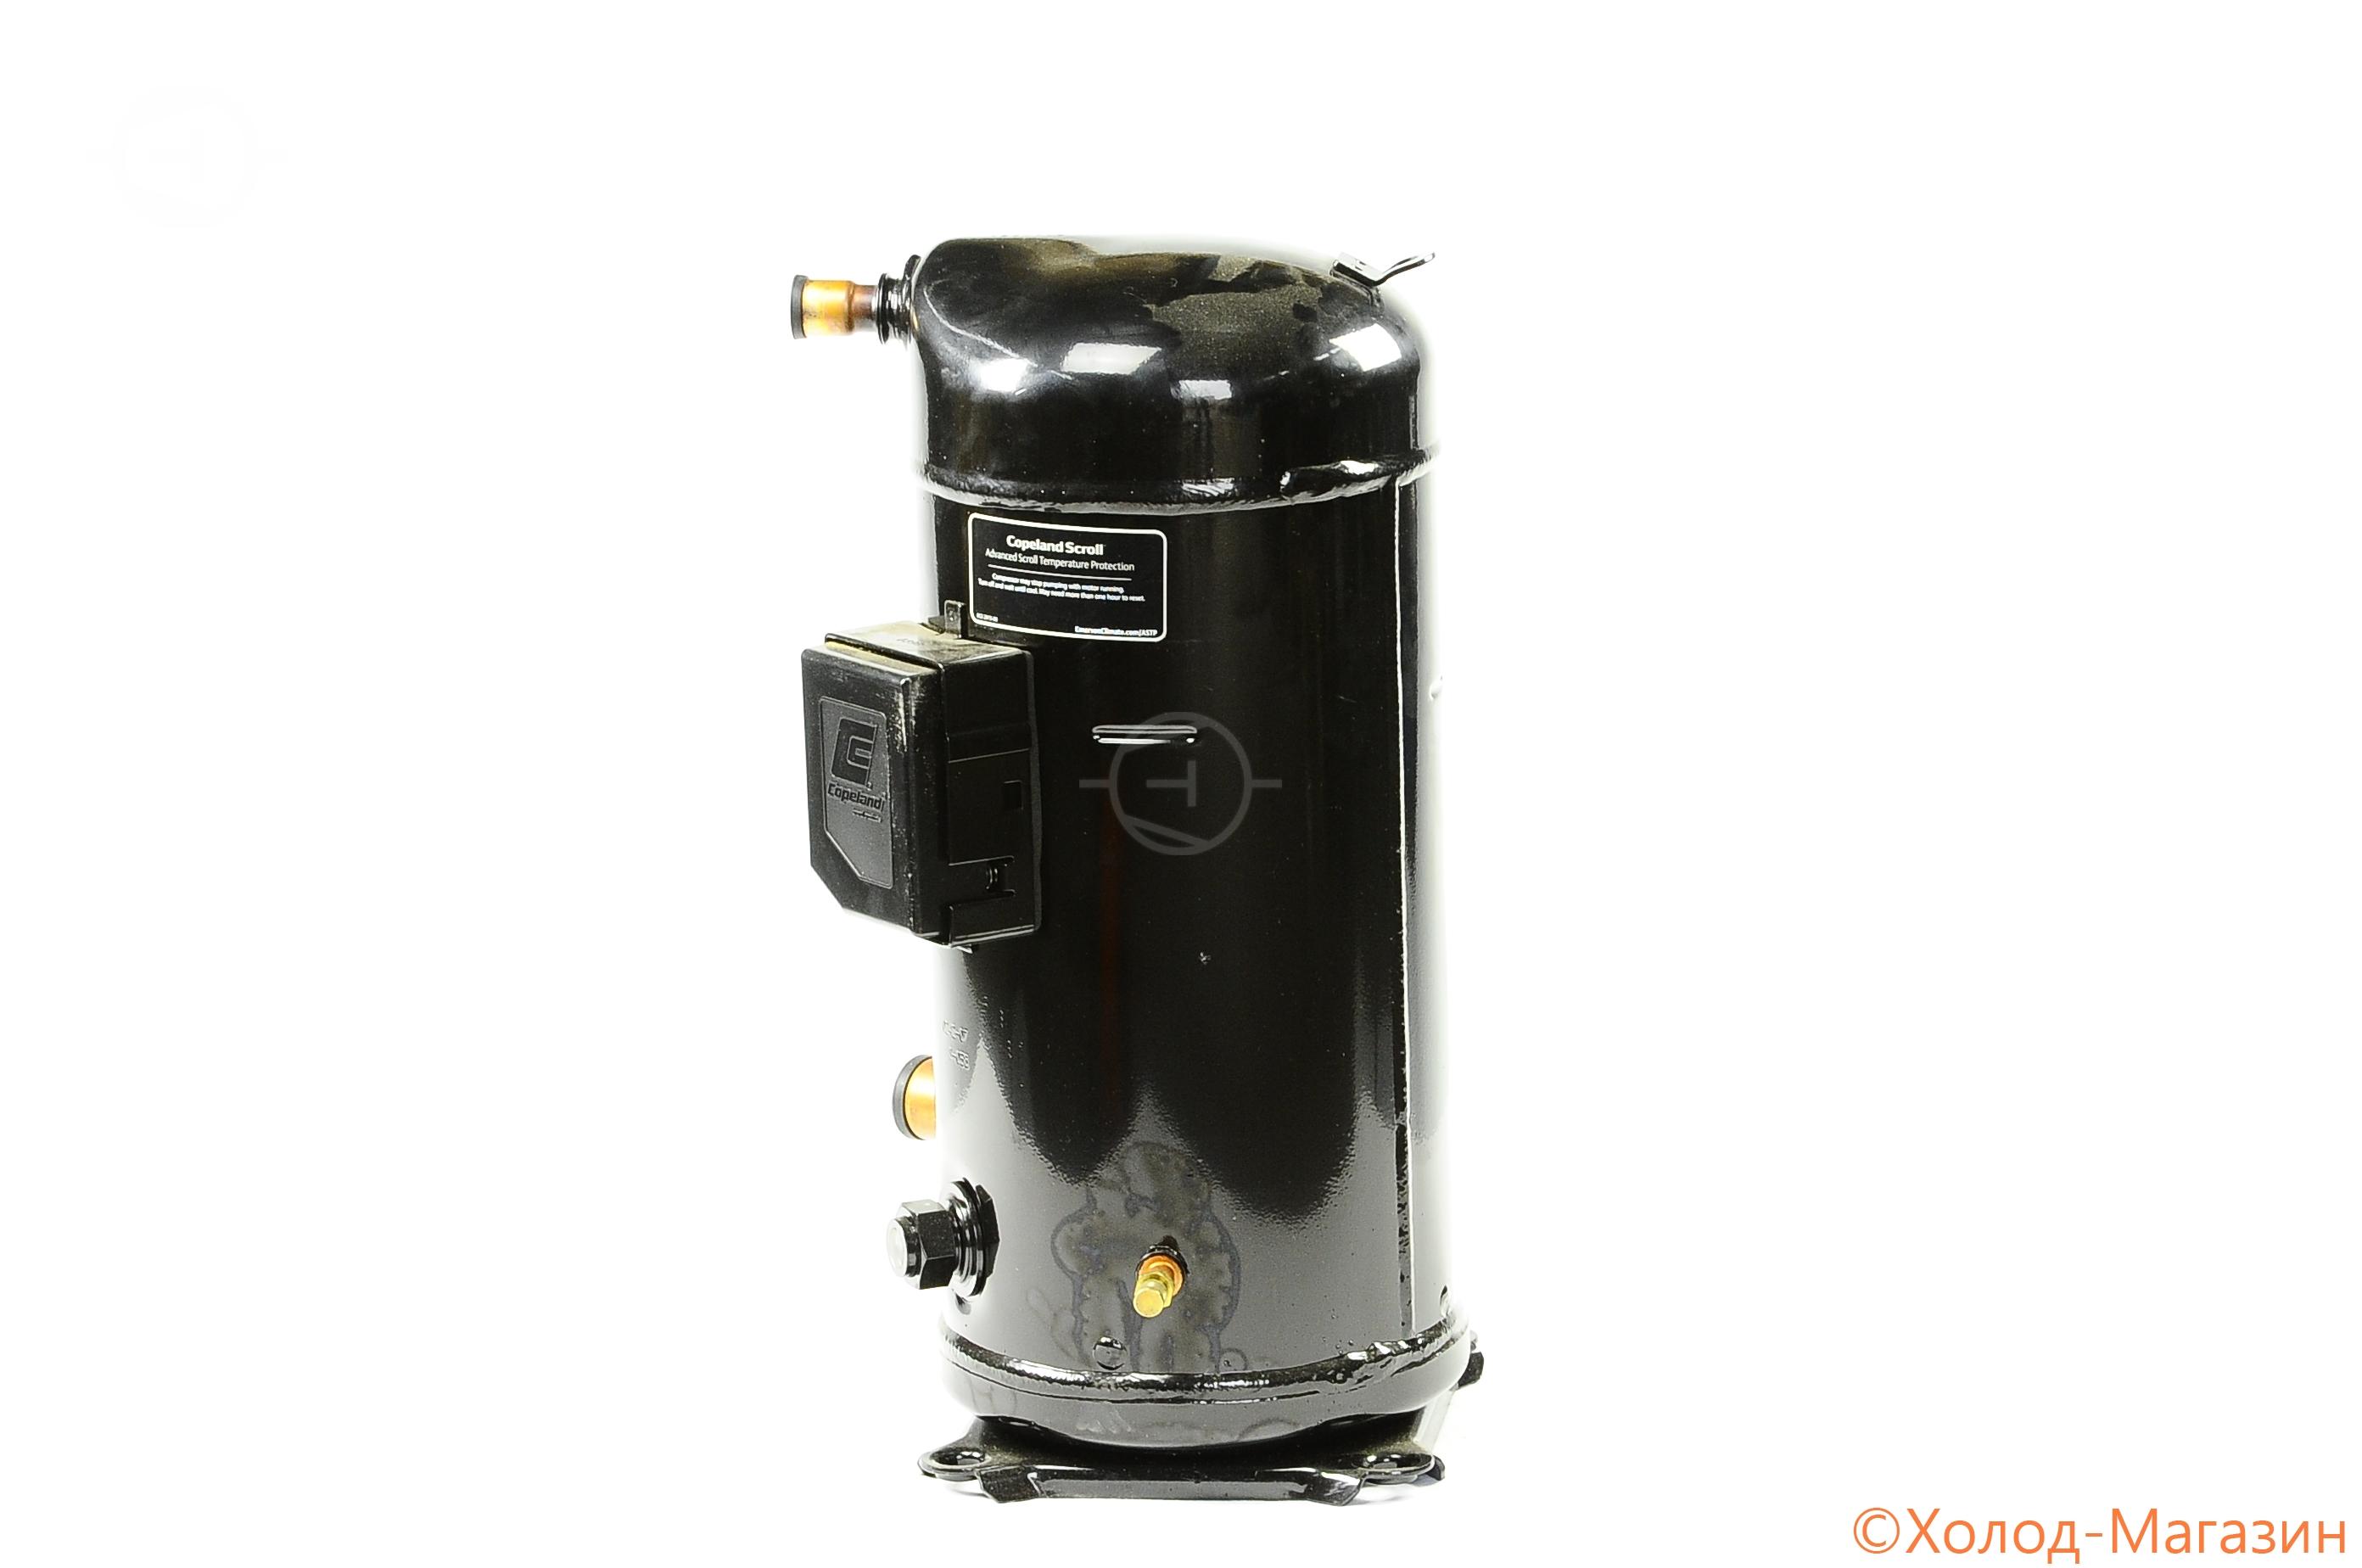 Компрессор спиральный ZR 125 KCE-TFD-455 Copeland, Emerson